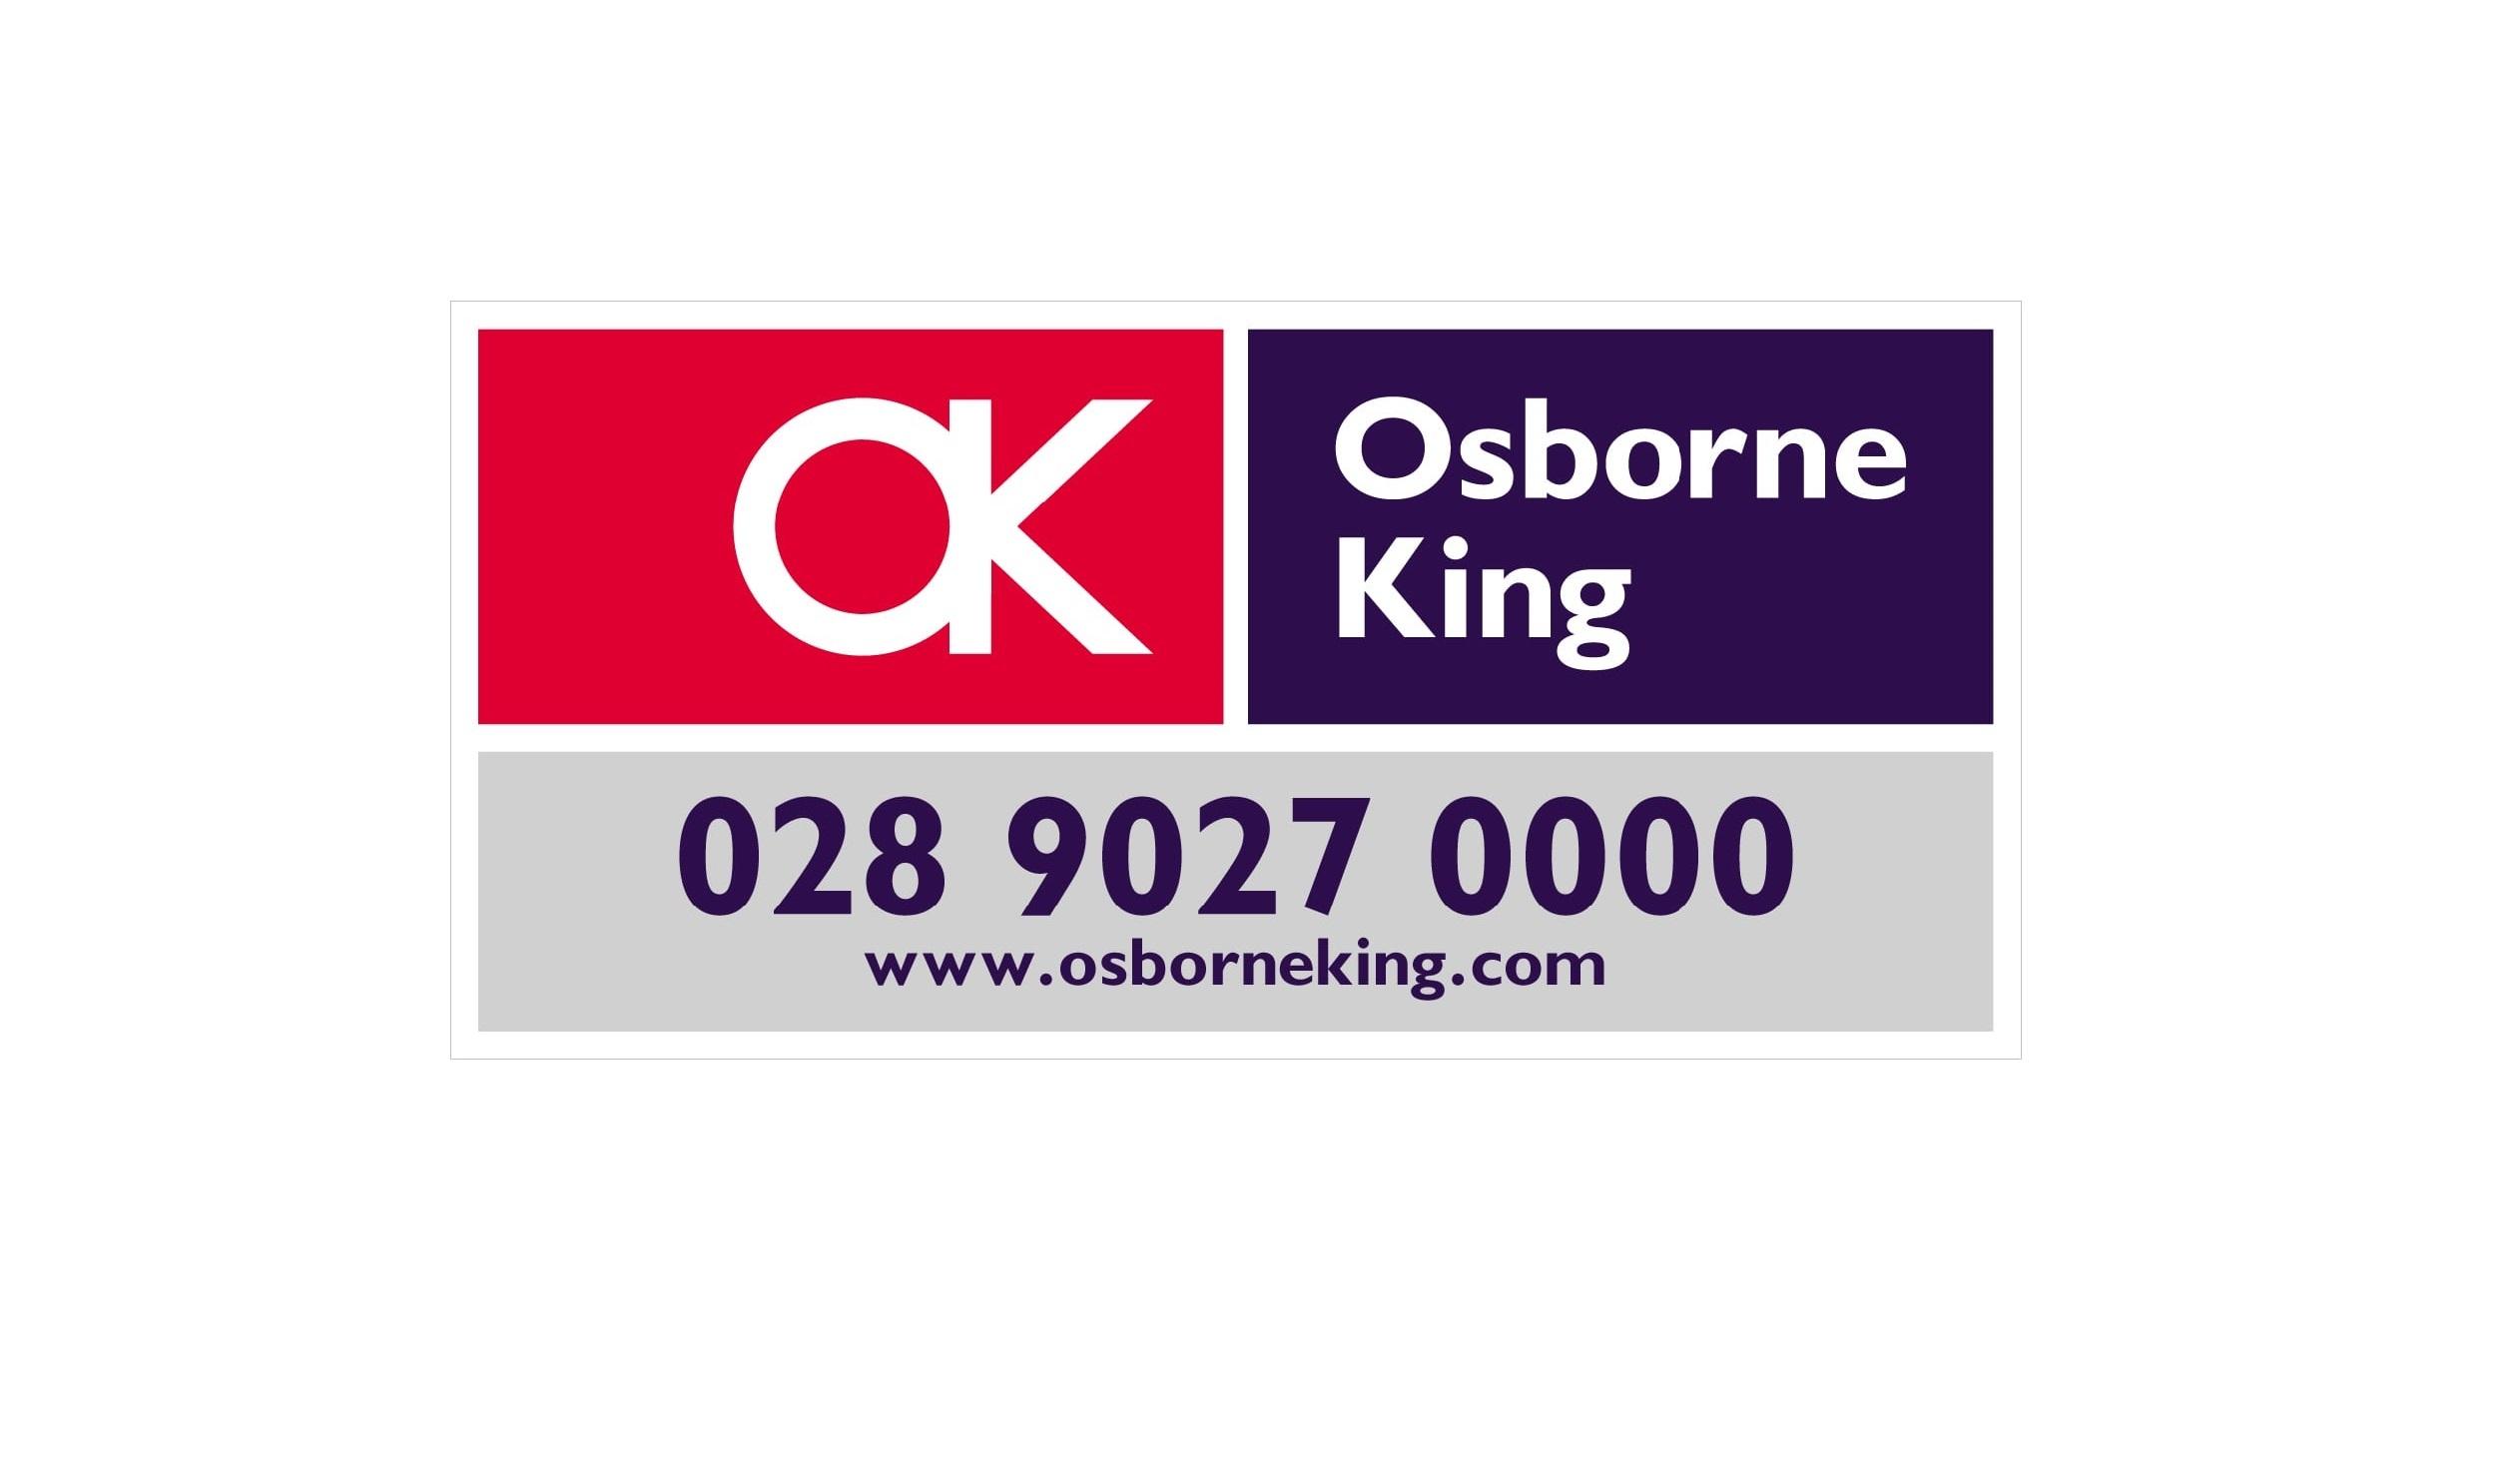 Osborne King